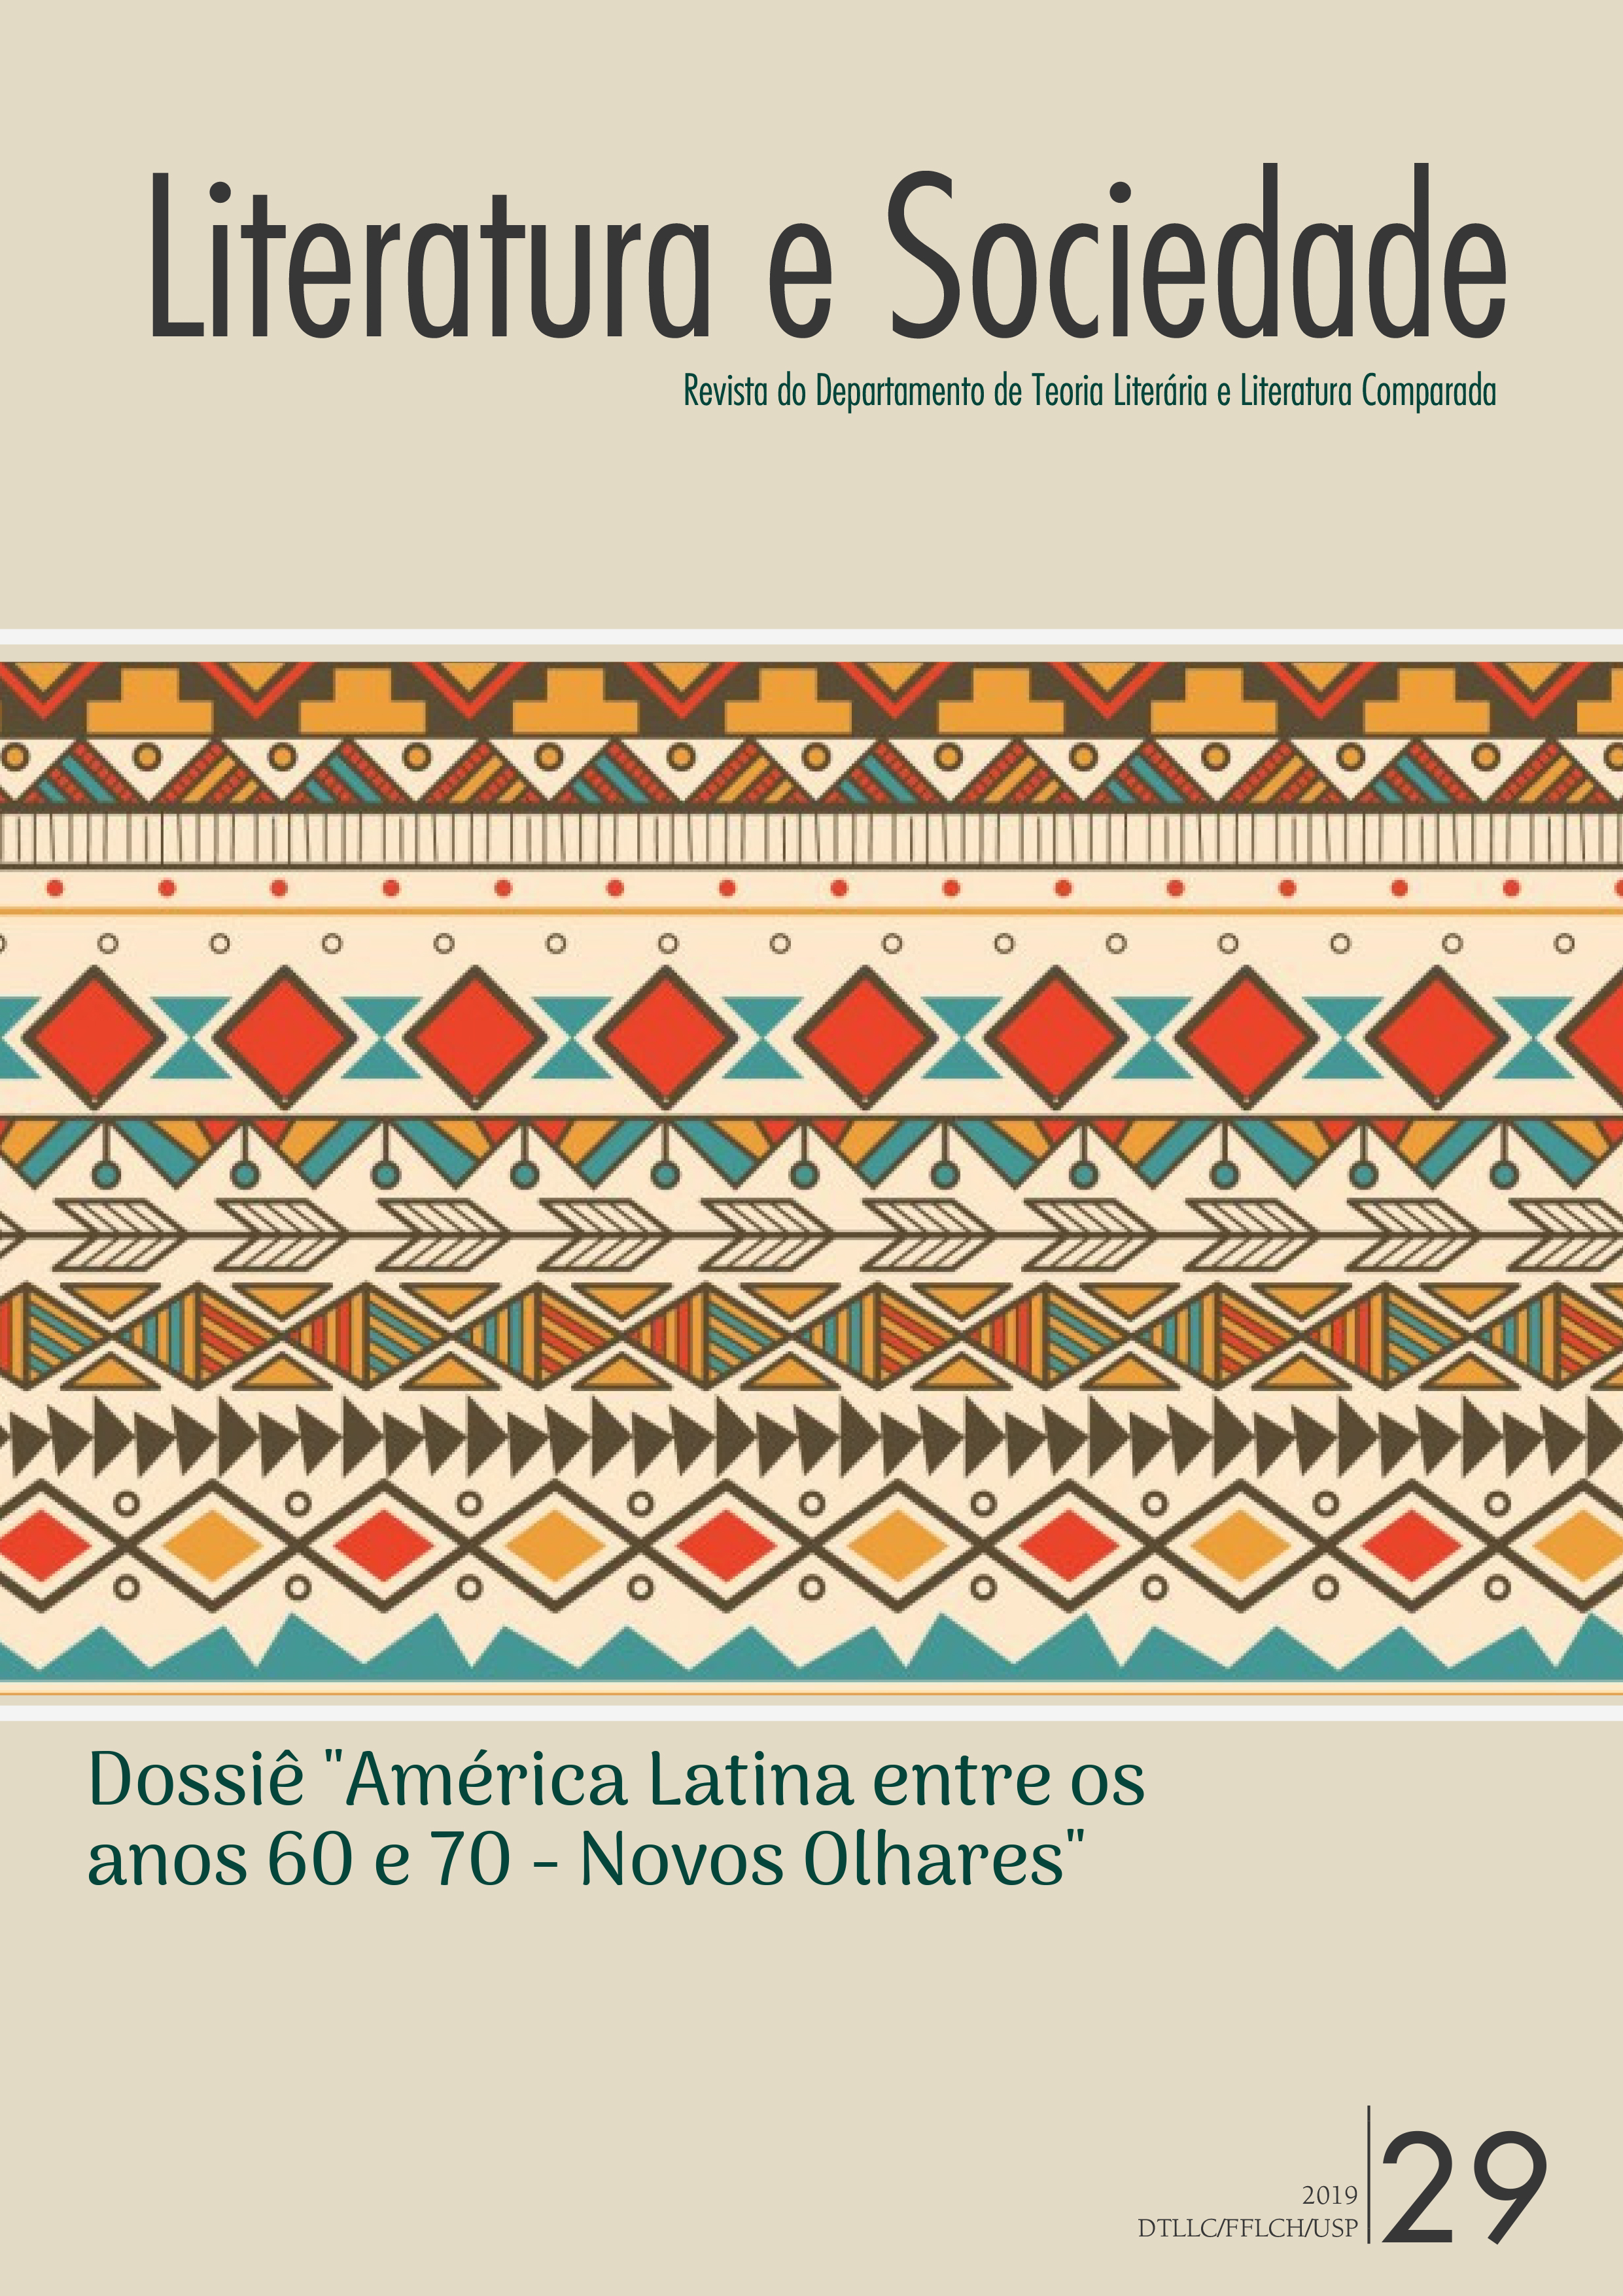 Dossiê América Latina entre os anos 60 e 70: novos olhares